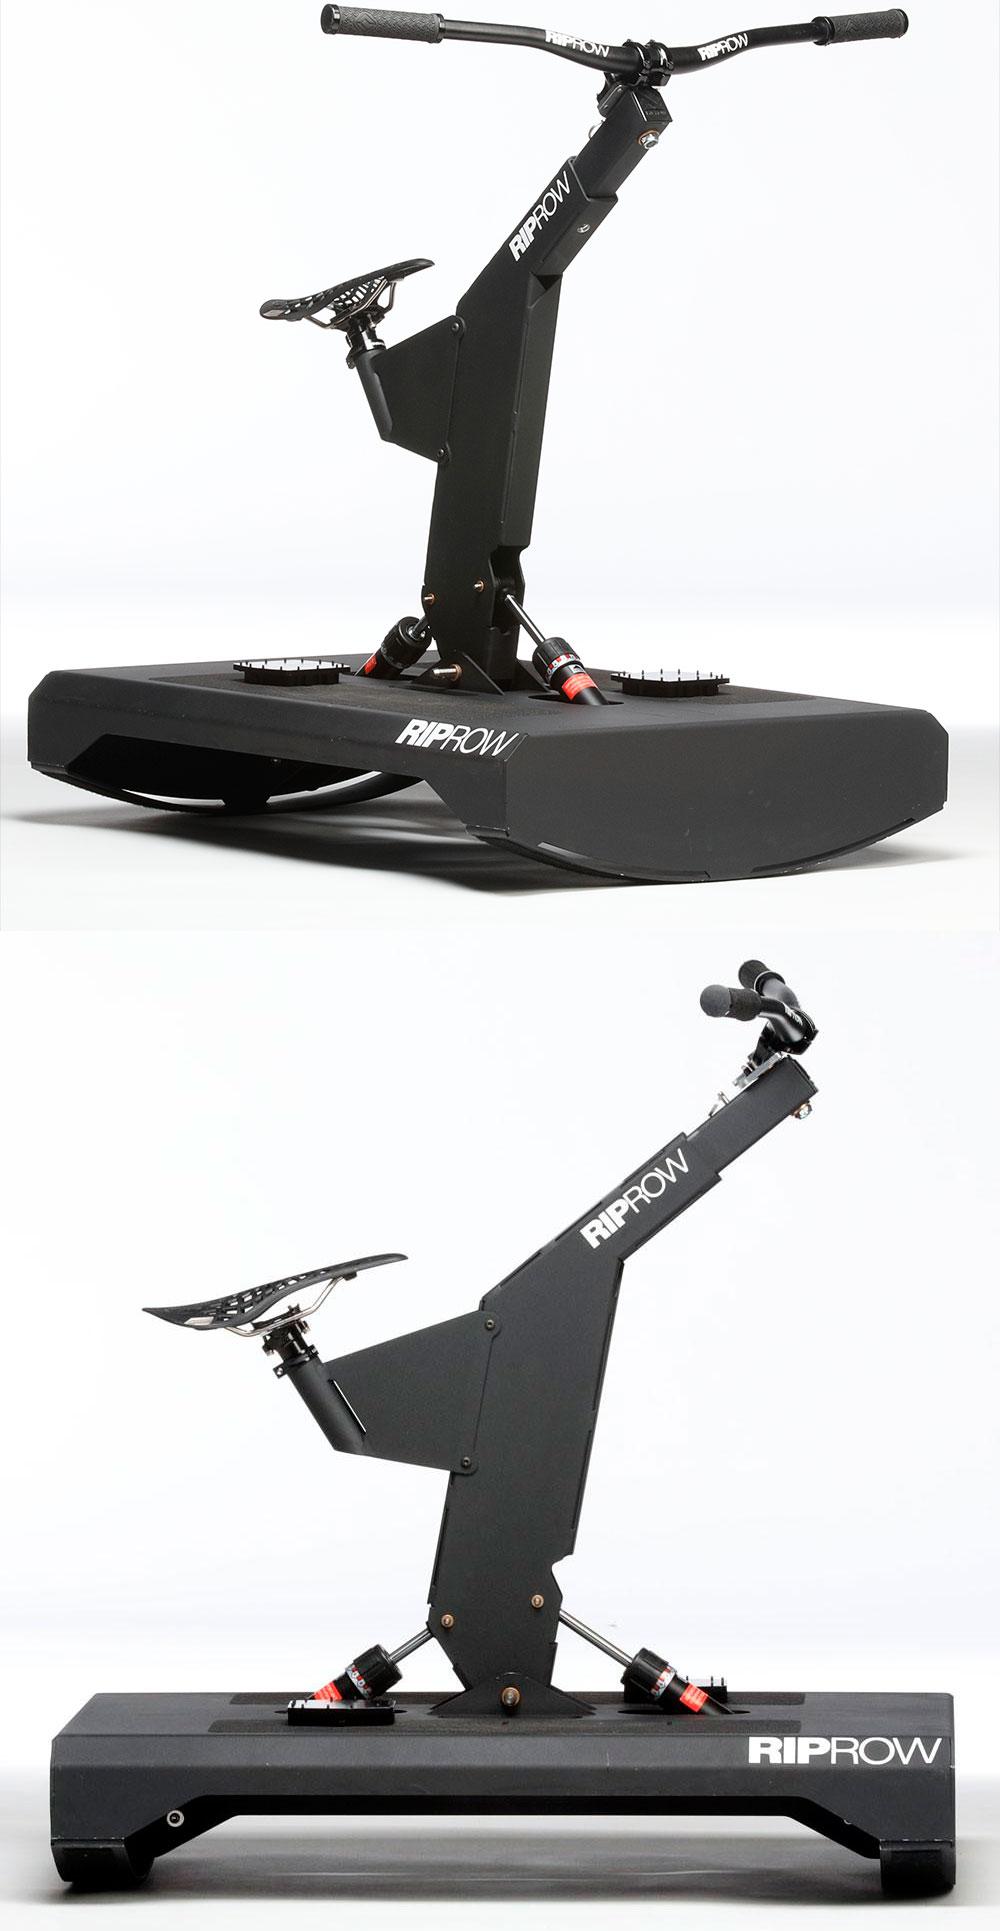 En TodoMountainBike: RipRow, una plataforma de equilibrio para entrenar movimientos técnicos específicos de ciclistas de montaña